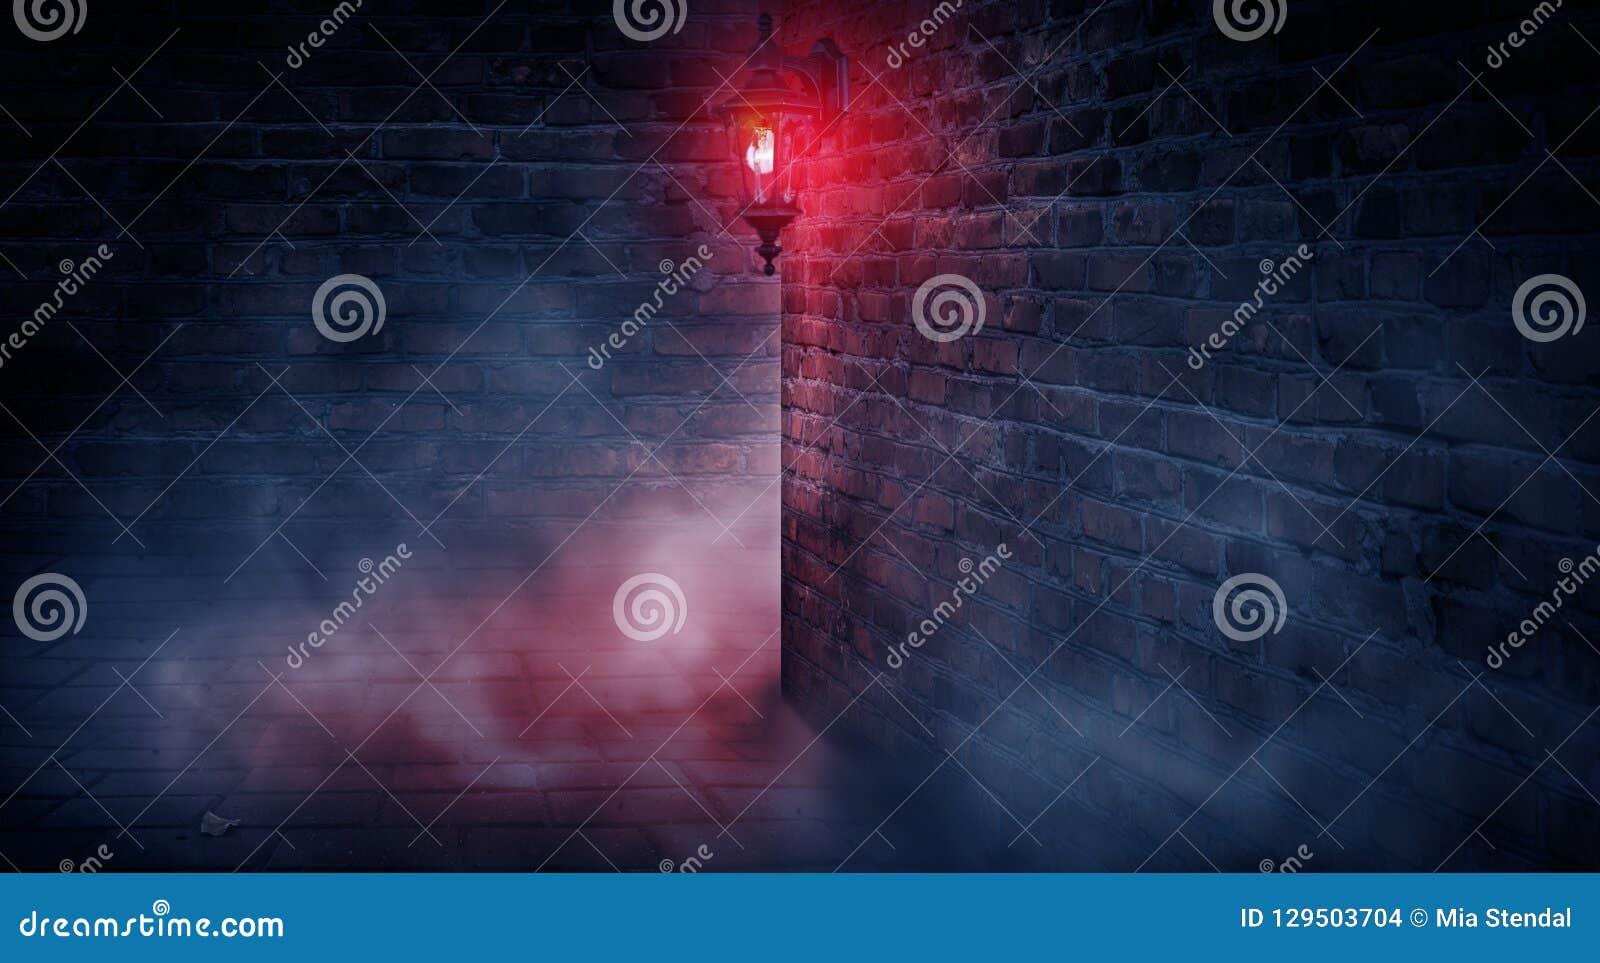 Eine dunkle Straße, eine rote Laterne, eine Backsteinmauer, Rauch, eine Ecke des Gebäudes, ein Laternenglänzen